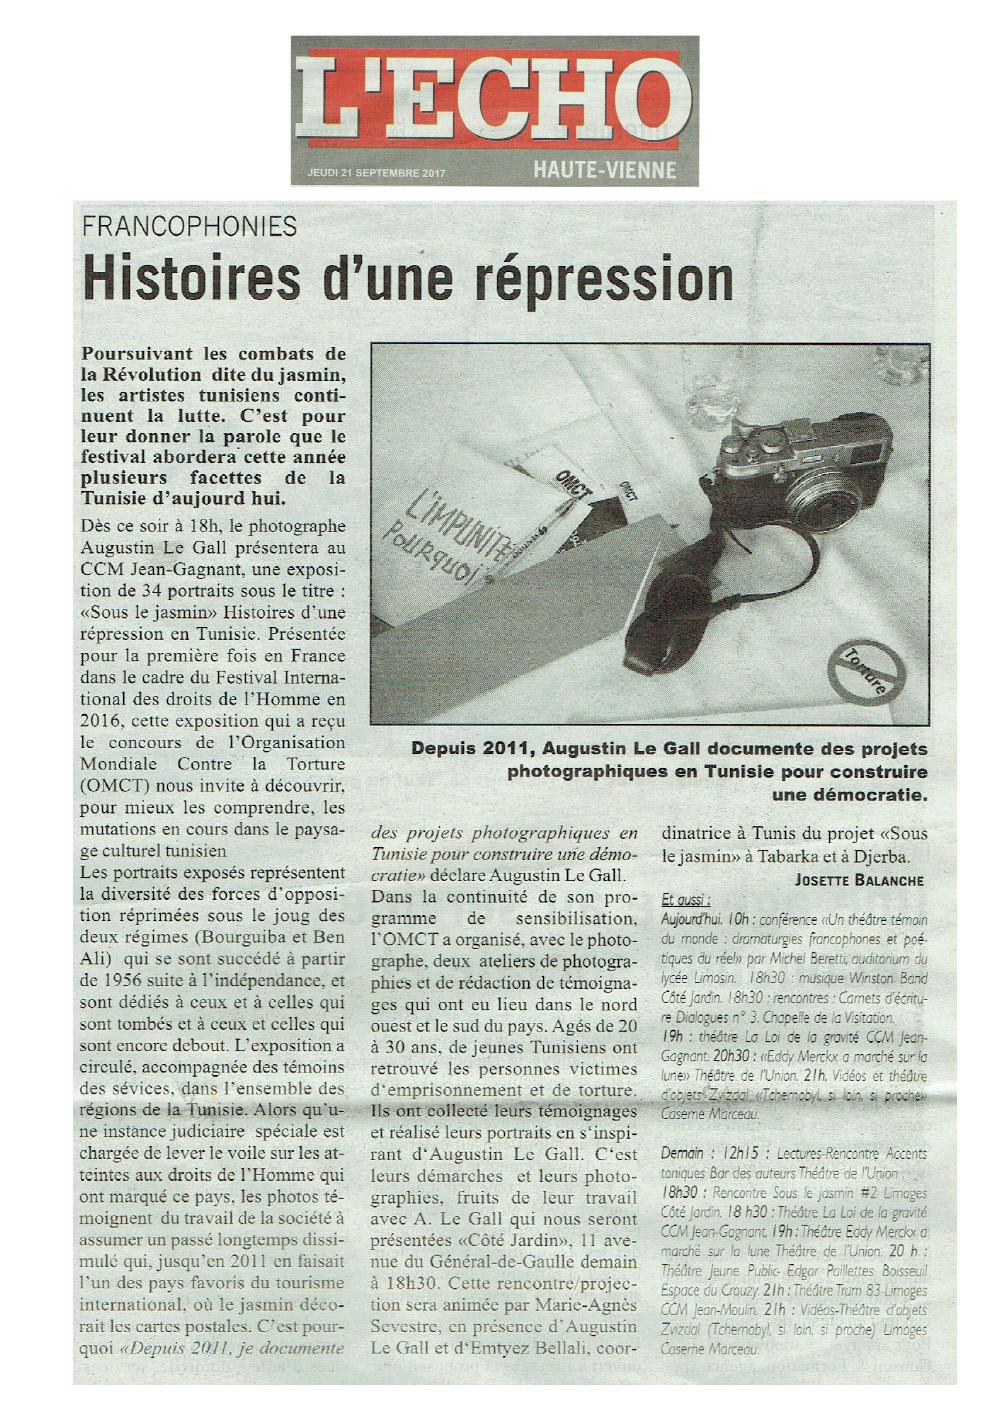 17-09-21 l-ECHOS-HISTOIRES-REPRESSION.jpg